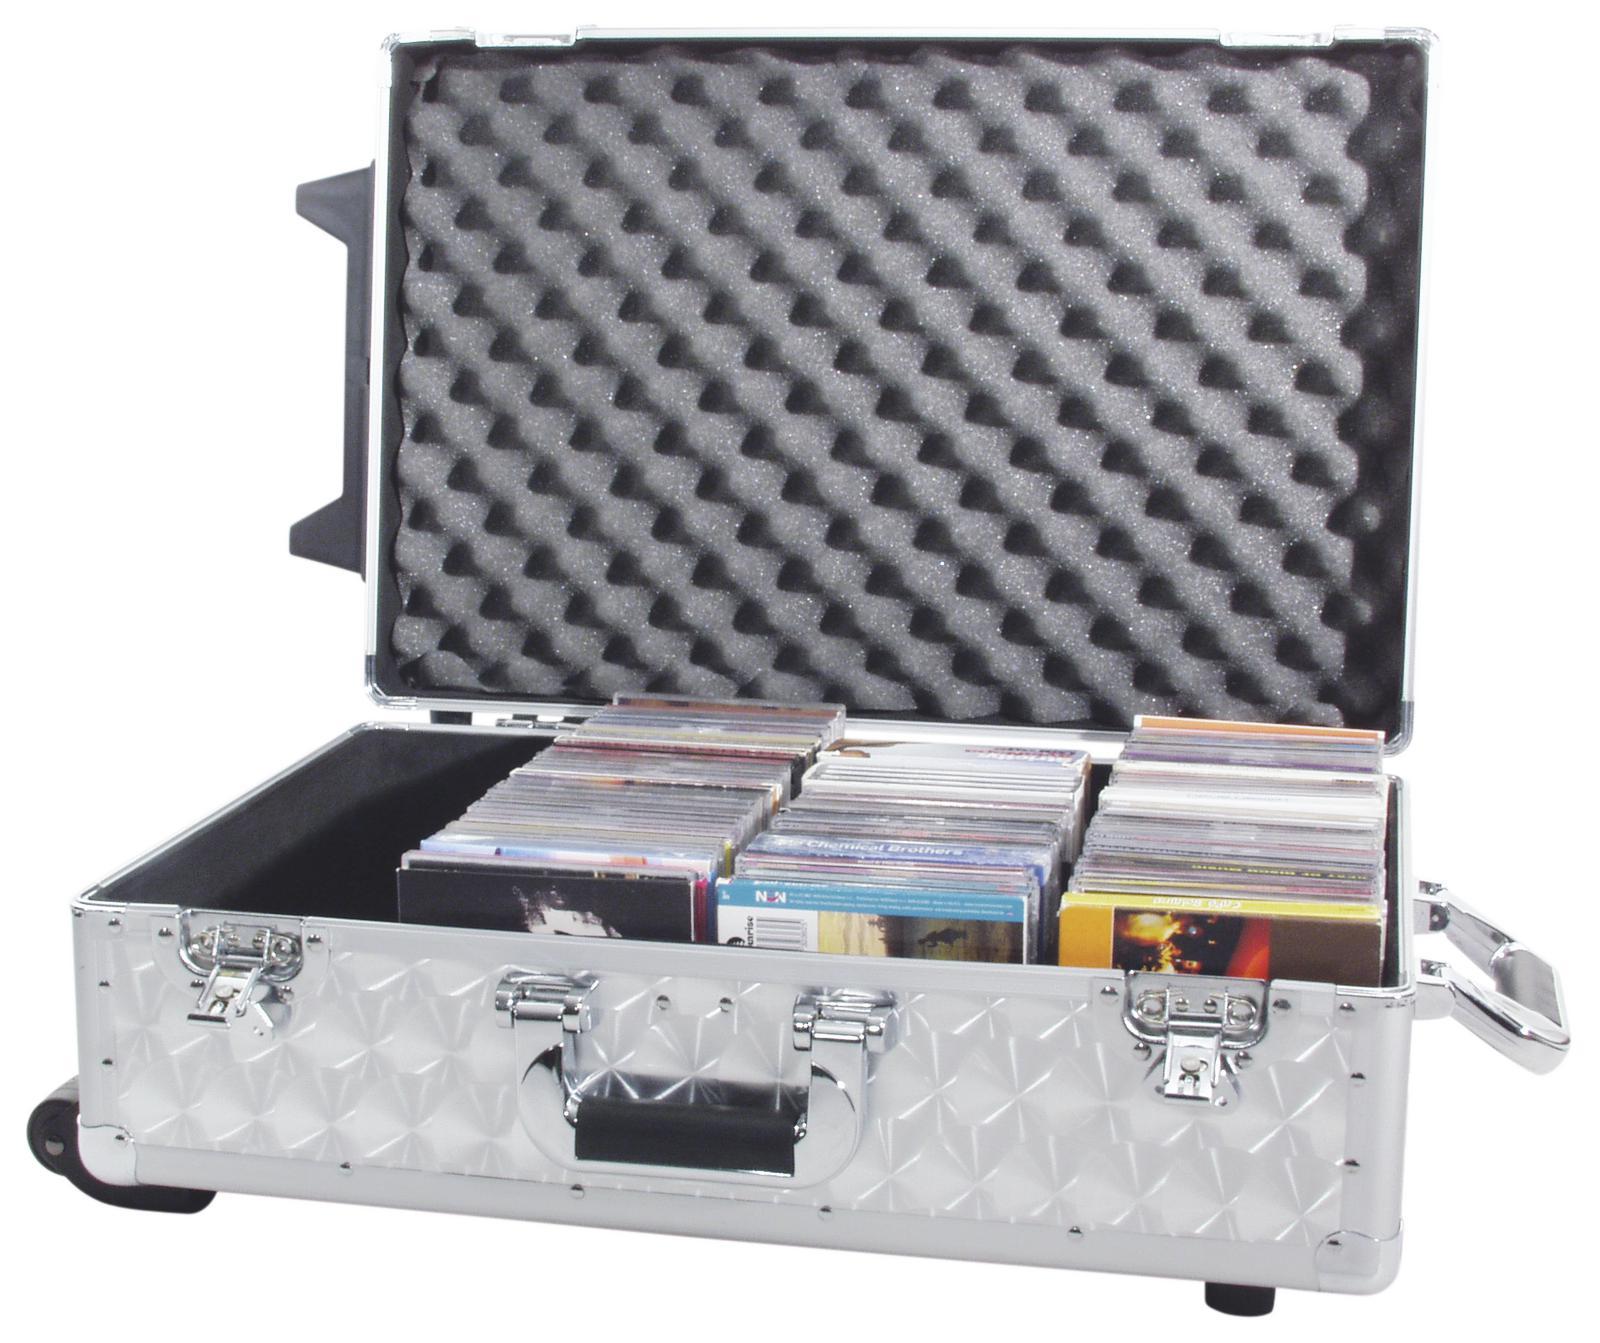 Flight case trolley cdj e cd musicali ROADINGER silver 120 cd's